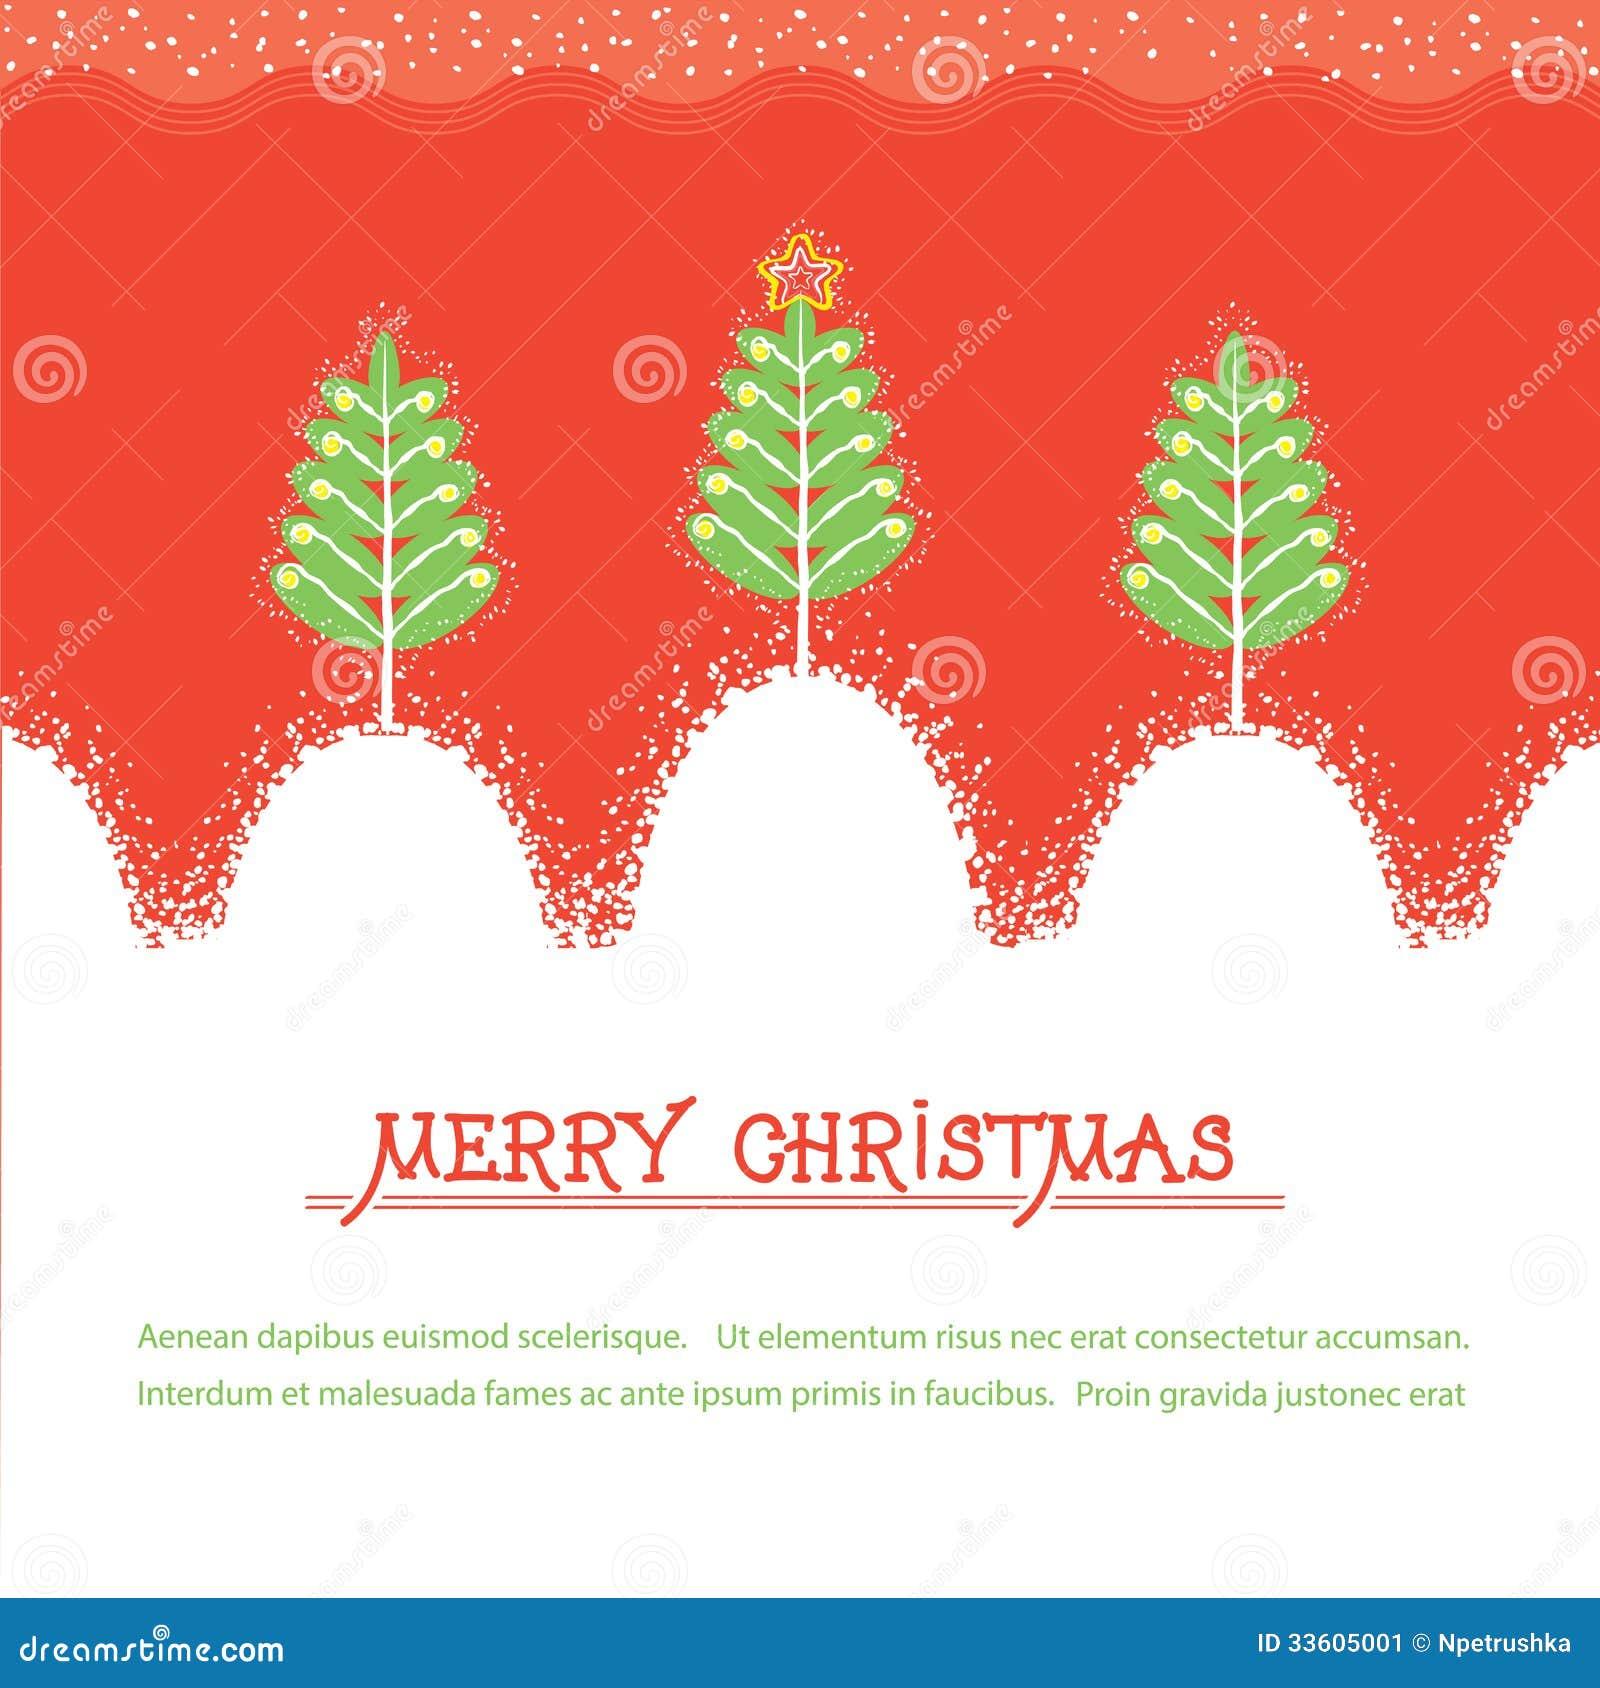 Tarjeta de Navidad. Illusrtration rojo del vector con los árboles